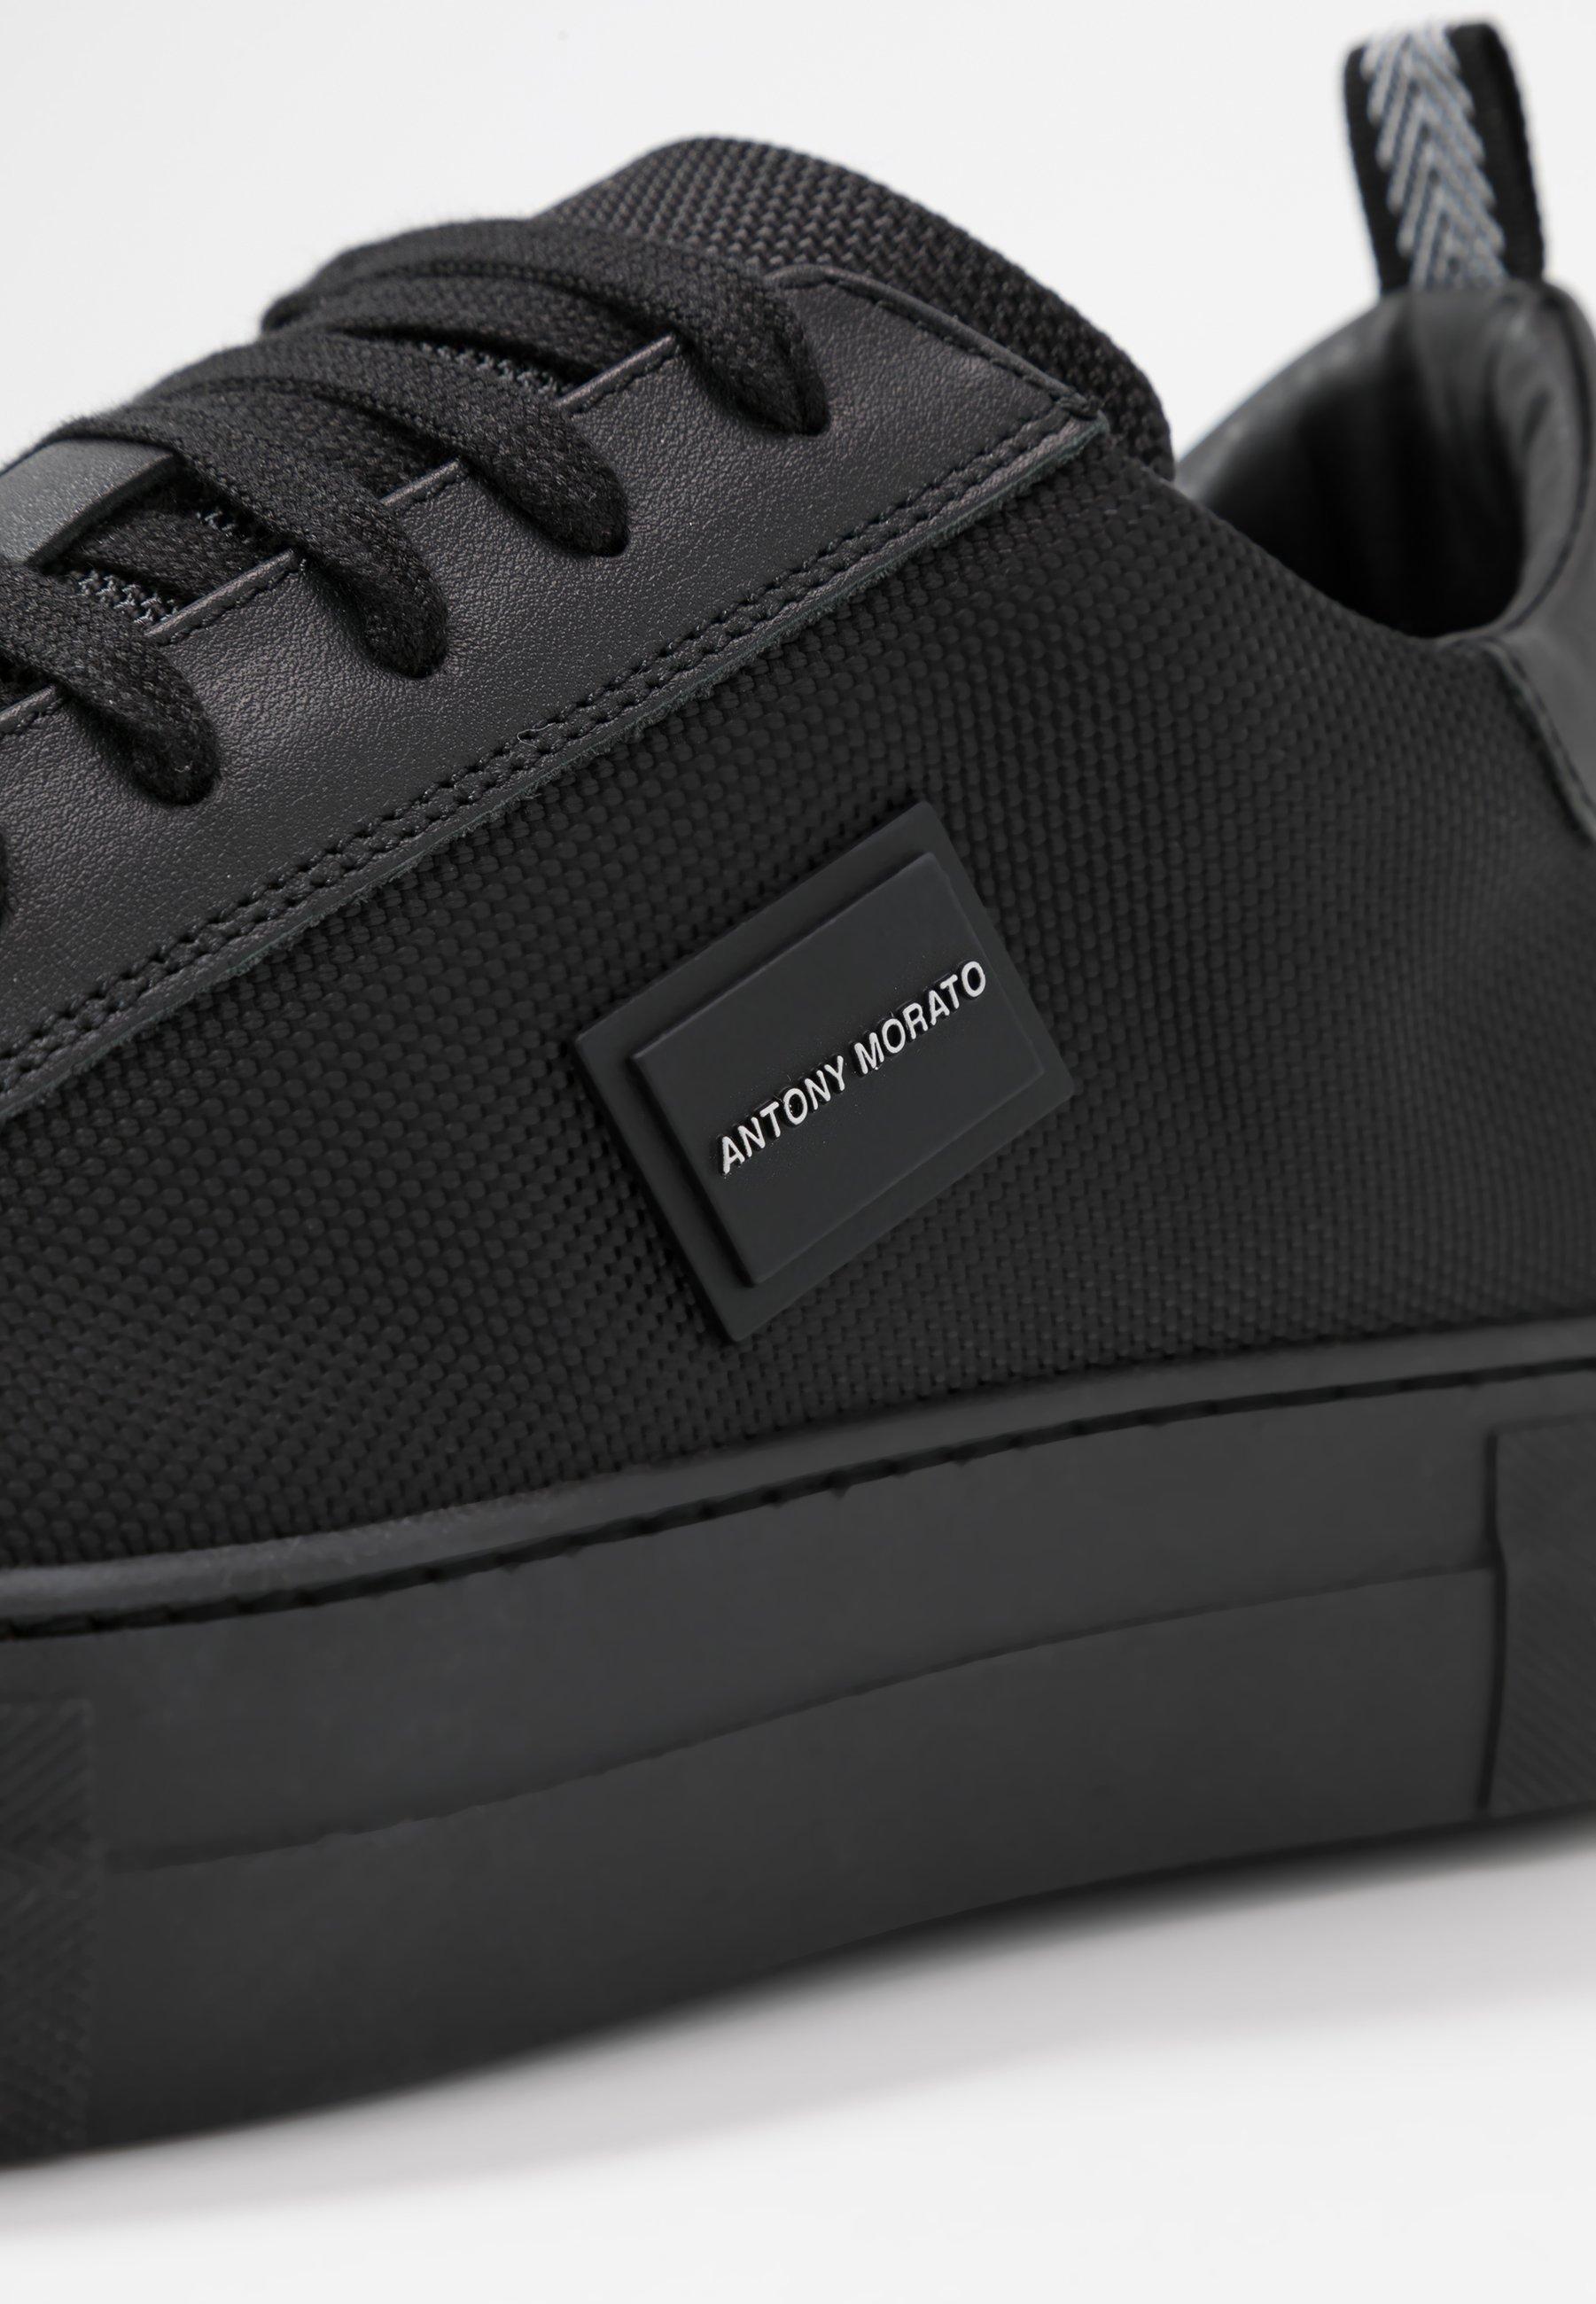 BOLD METAL Sneakers black